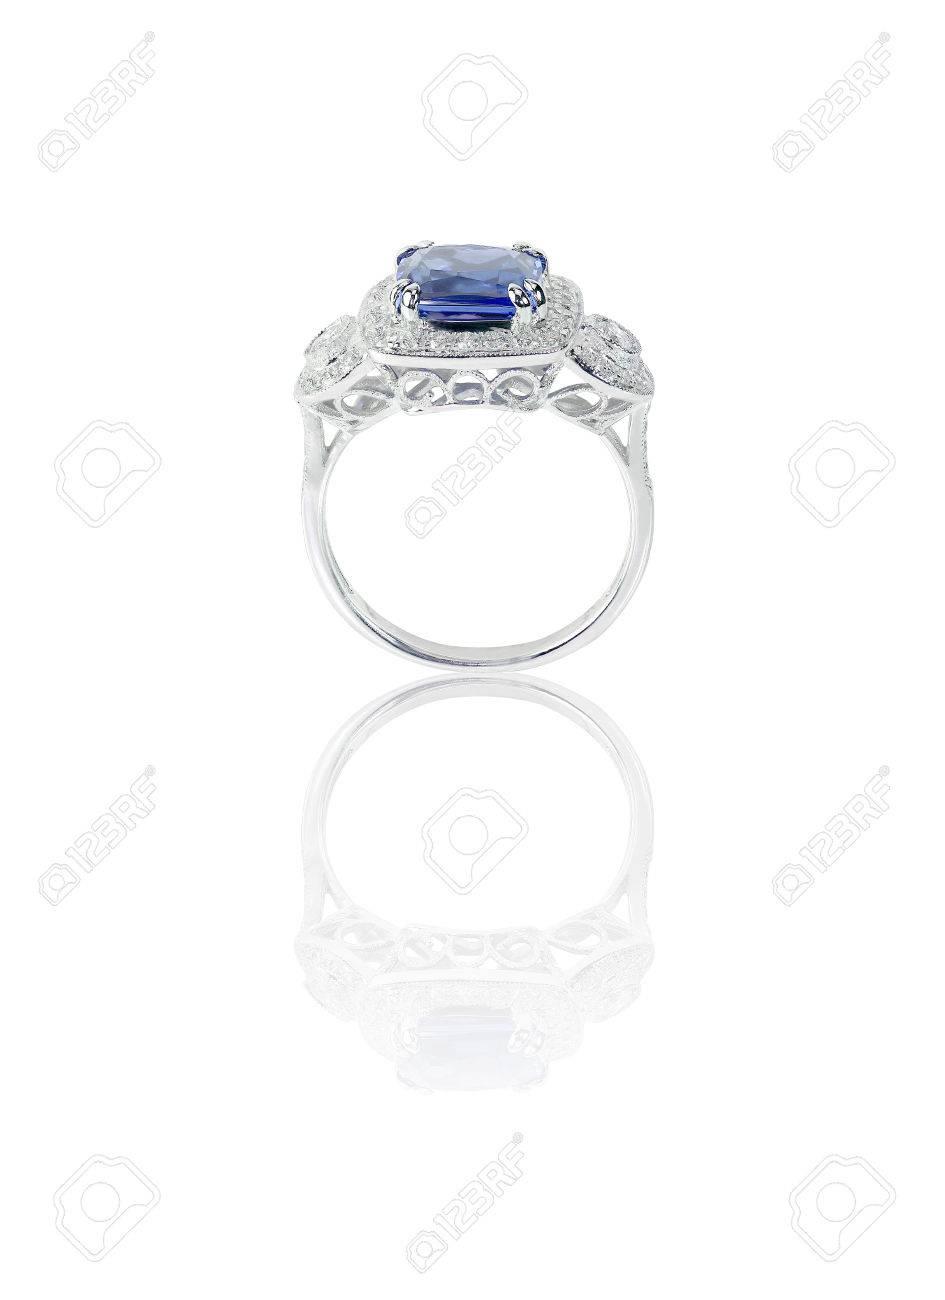 Verlobungsring Mit Stein | Schone Saphir Und Diamant Hochzeit Verlobungsring Edelsteinzentrum